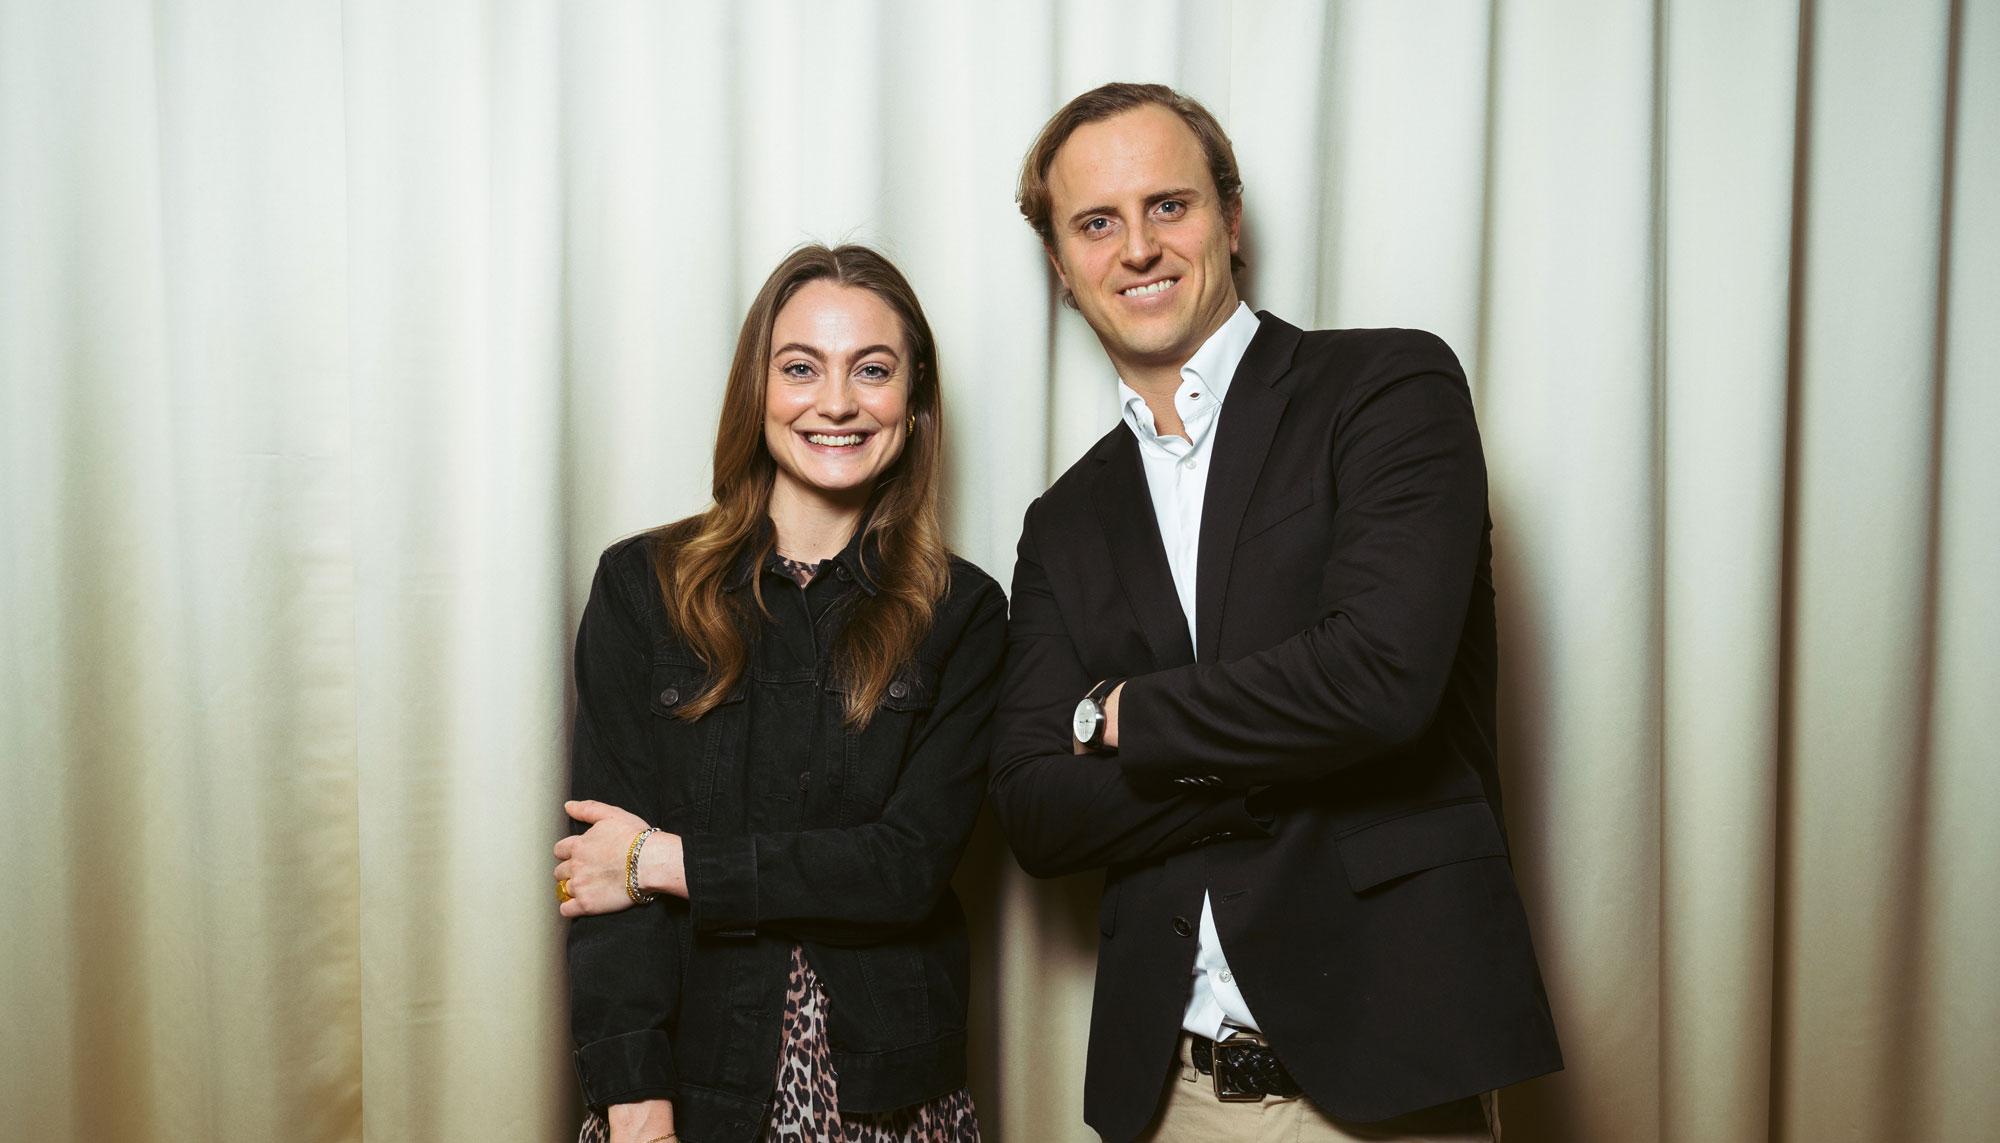 Var i Løvens Hule: Aalborg-iværksætter ændrer navn på populært smykkefirma